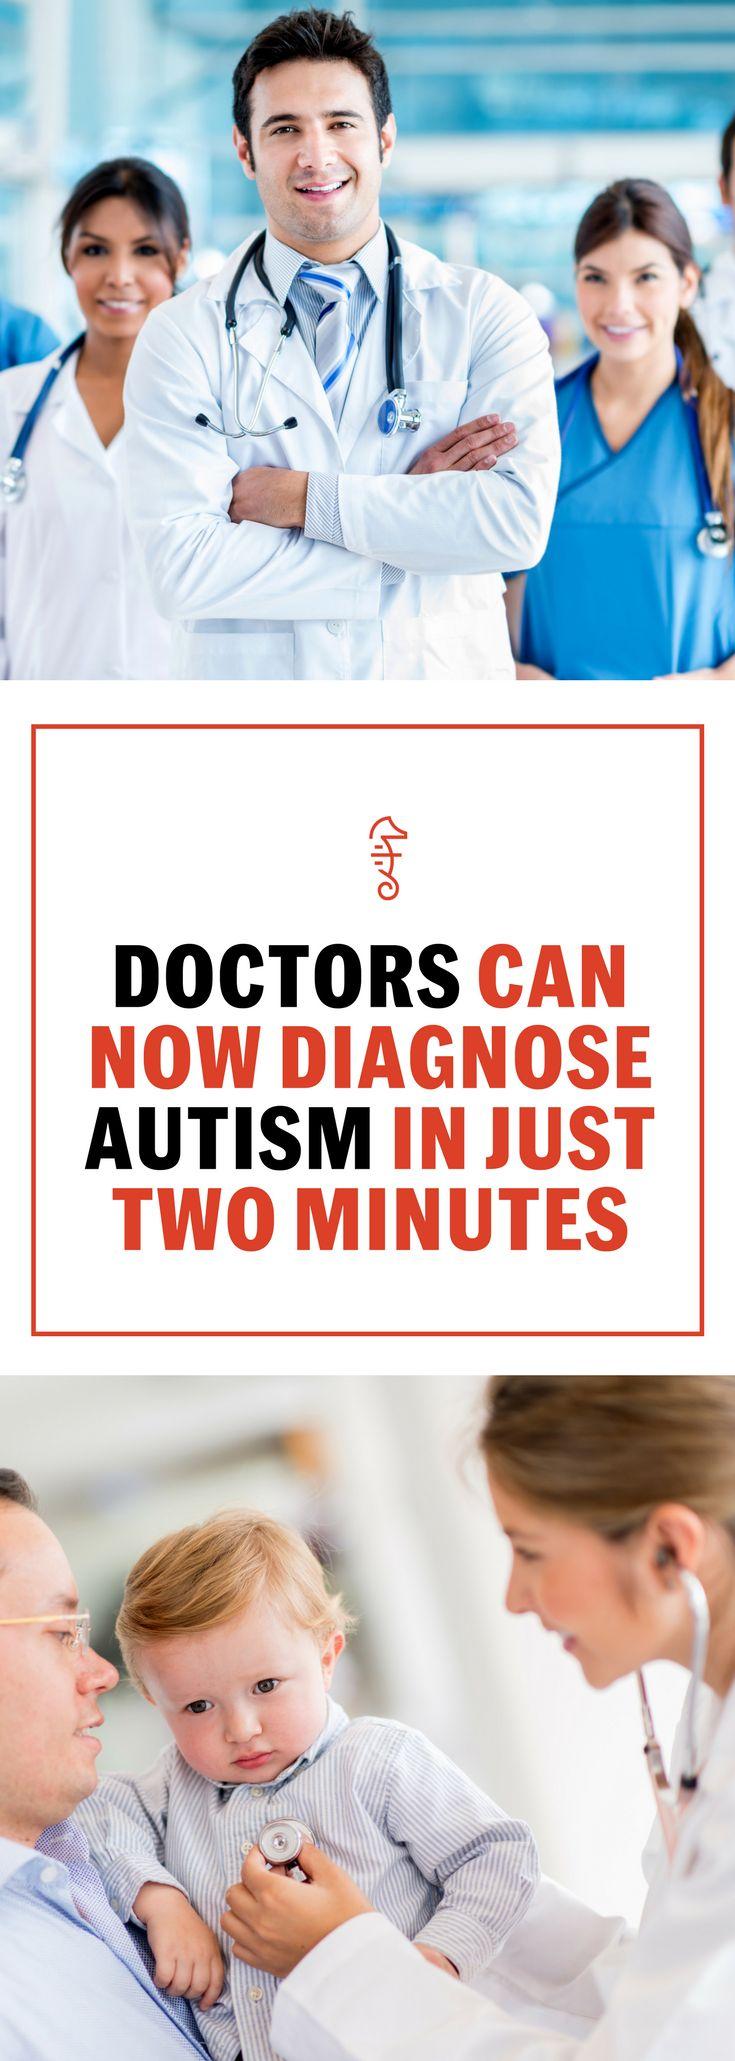 autism, autism diagnosis signs, autism diagnosis parents, autism diagnosis doctors,